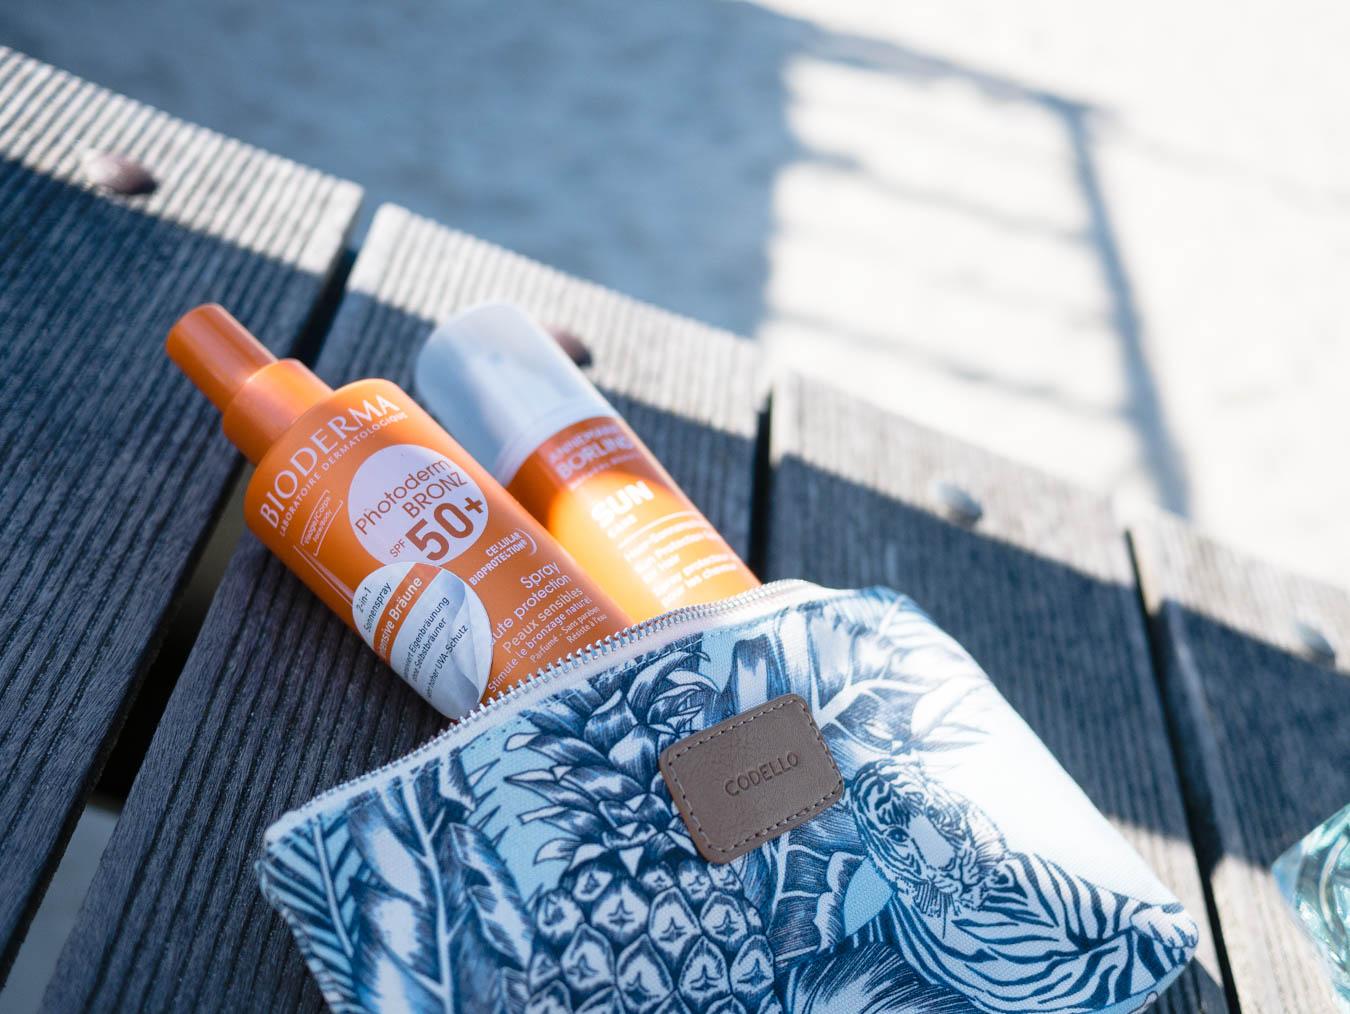 Sommer-Beauty: gesund gebräunte Haut & sommerliche Düfte!